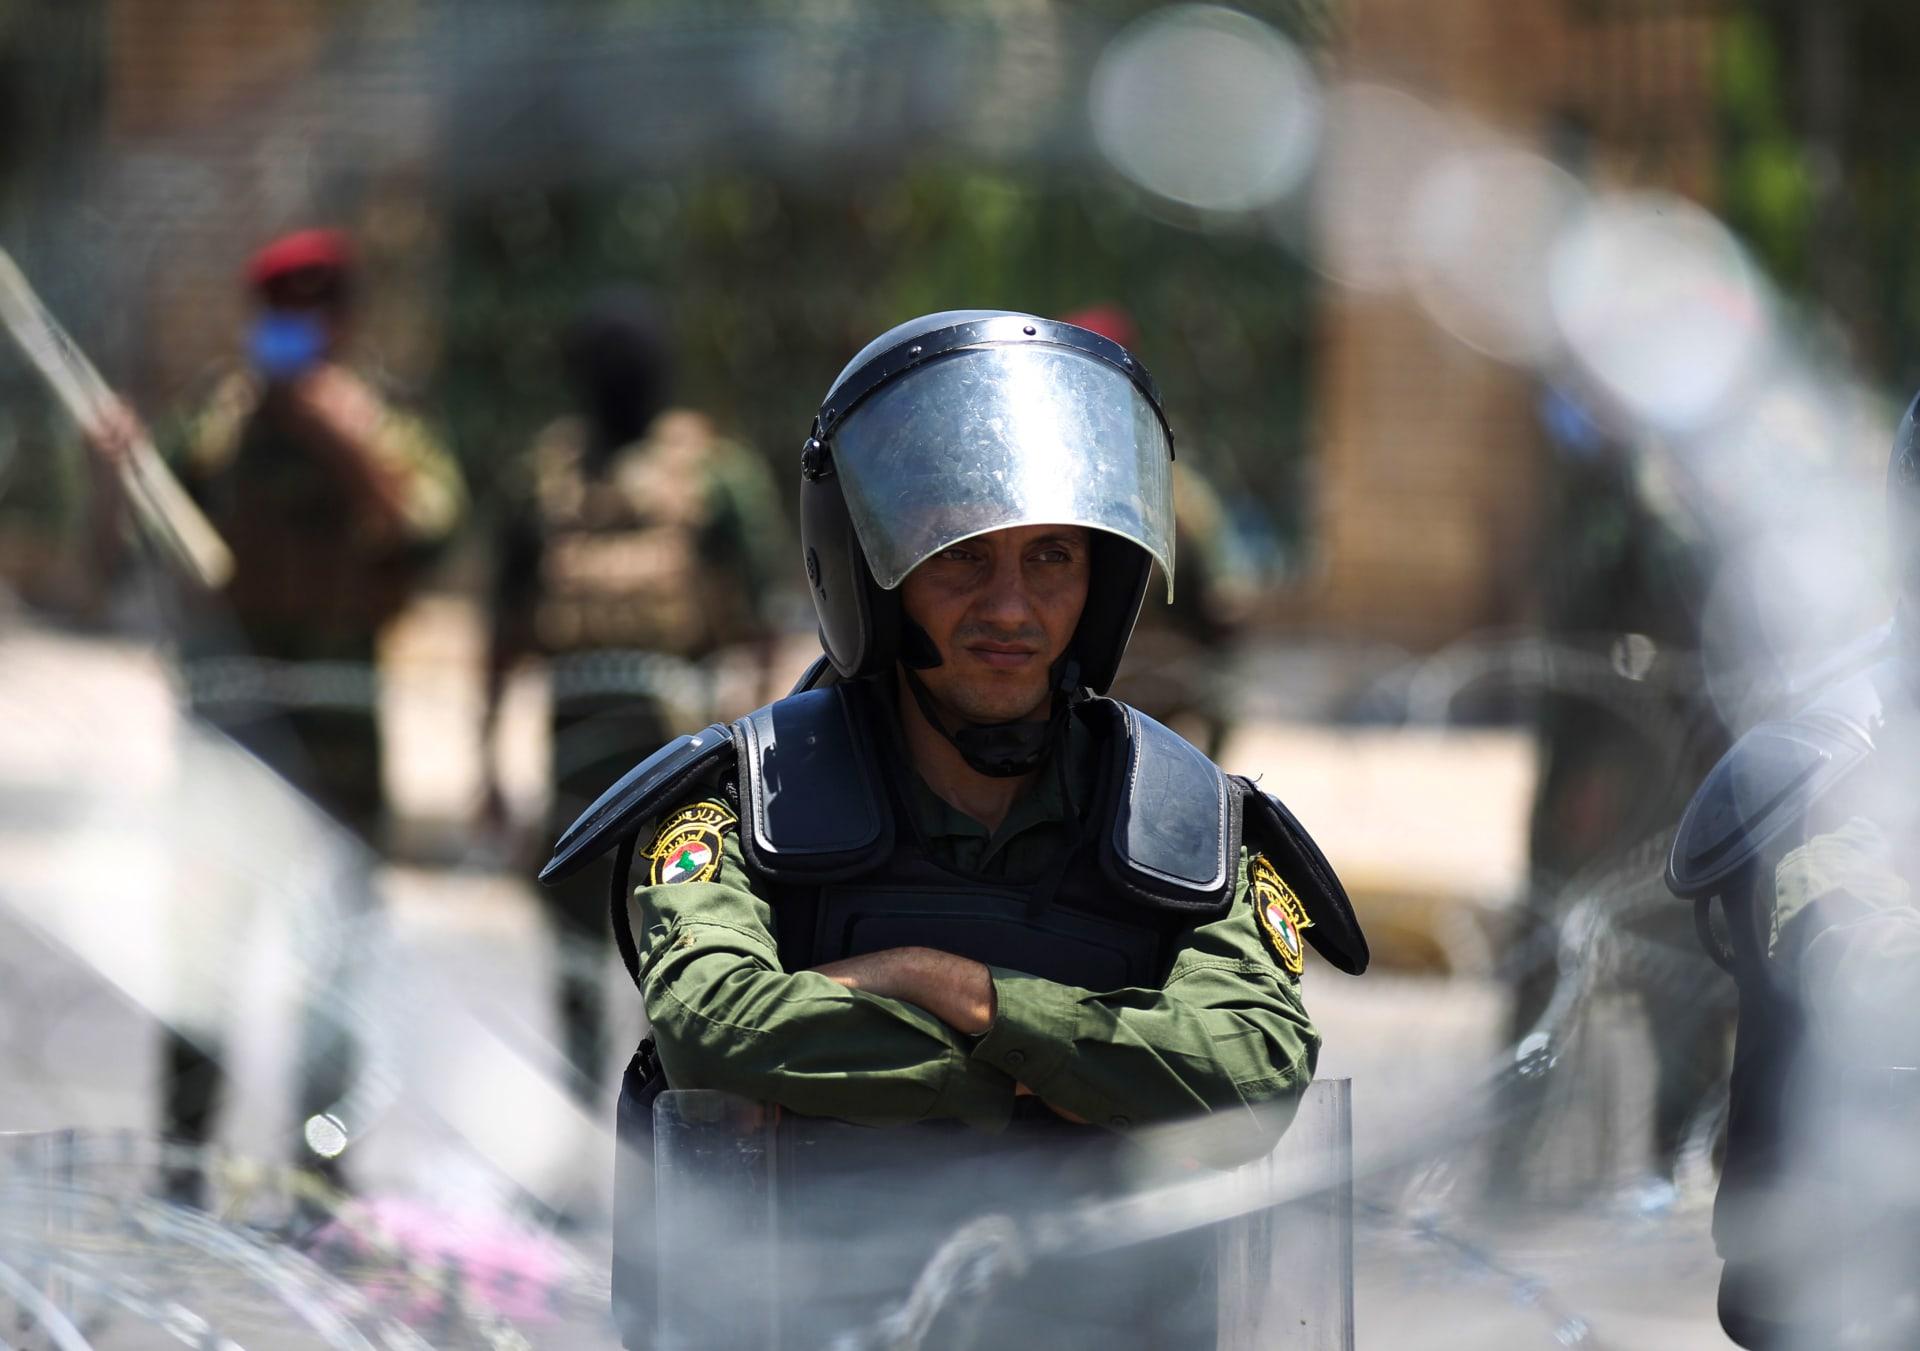 ضبط أكثر من 100 قطعة سلاح في عملية أمنية في العاصمة العراقية بغداد